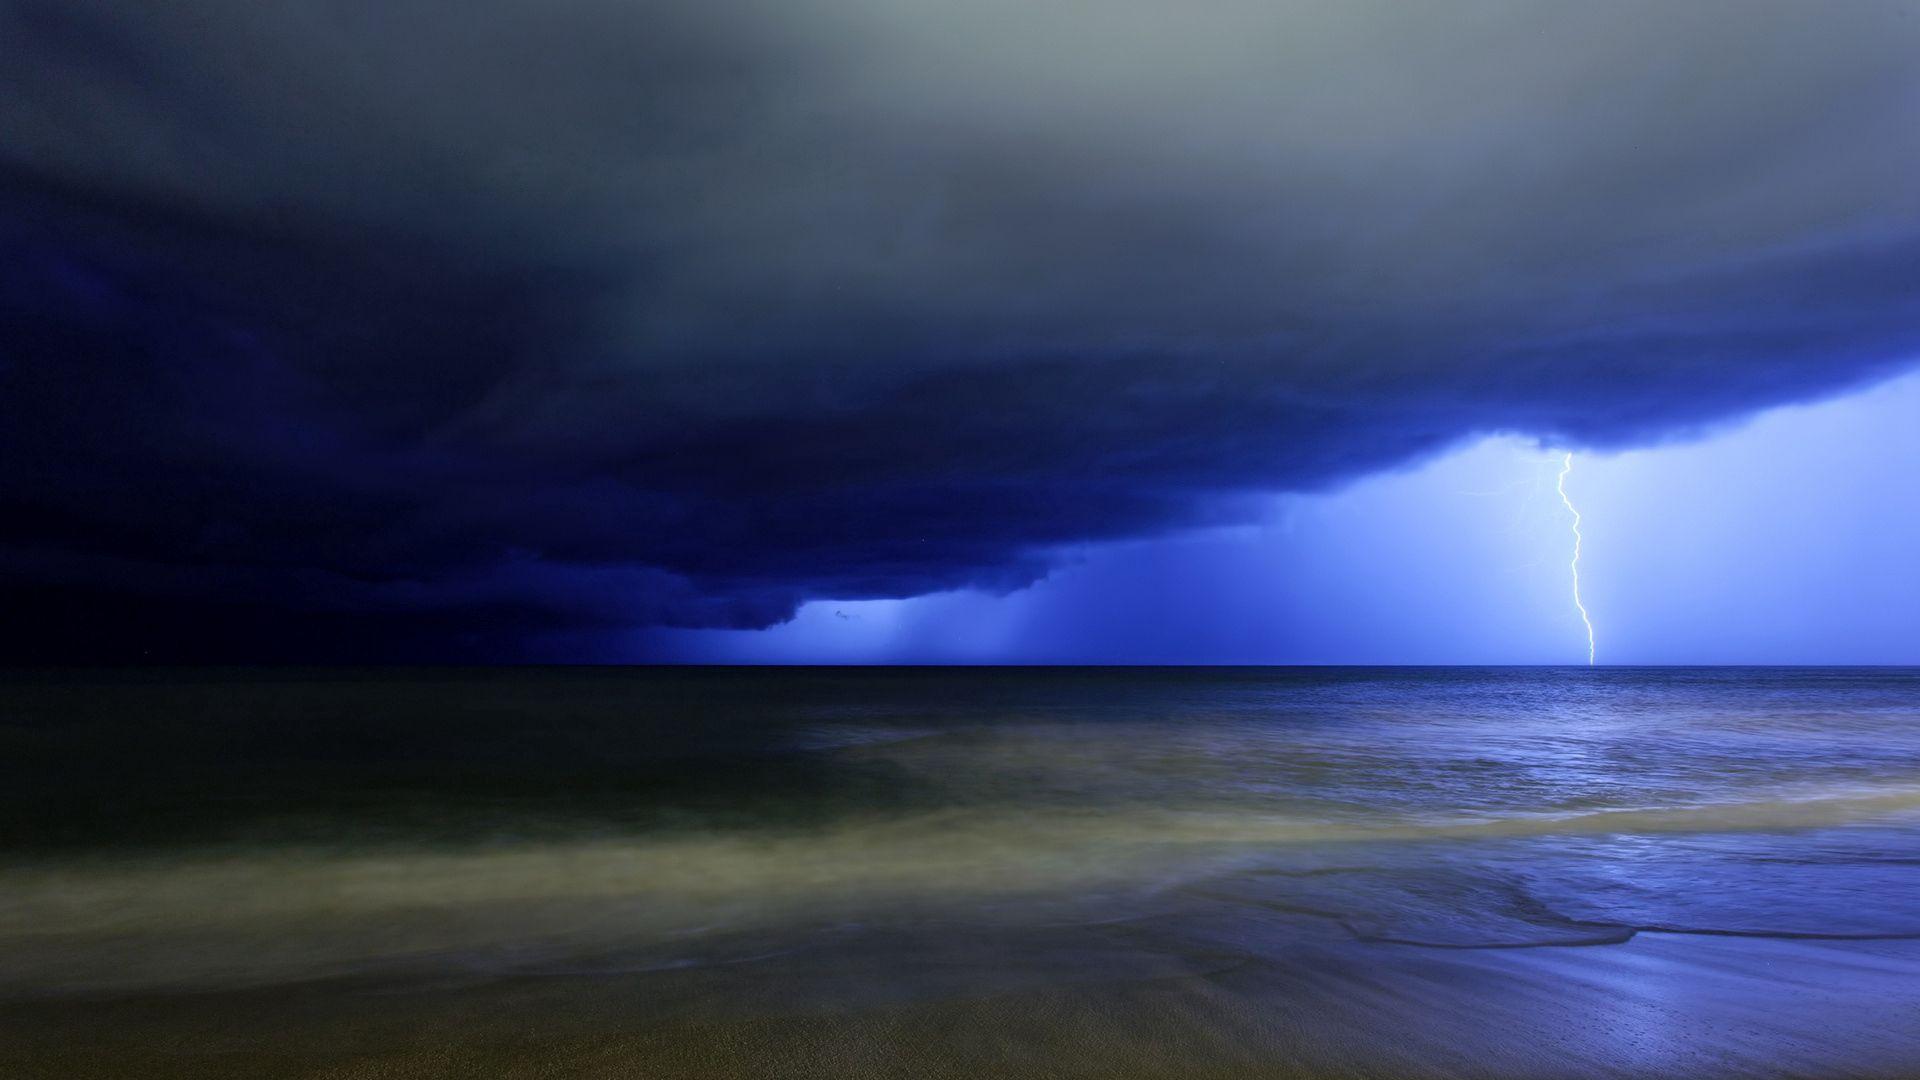 98424 Заставки и Обои Молния на телефон. Скачать Природа, Небо, Море, Облака, Молния, Тучи, Удар, Синее, Хмурое, Грозовые картинки бесплатно